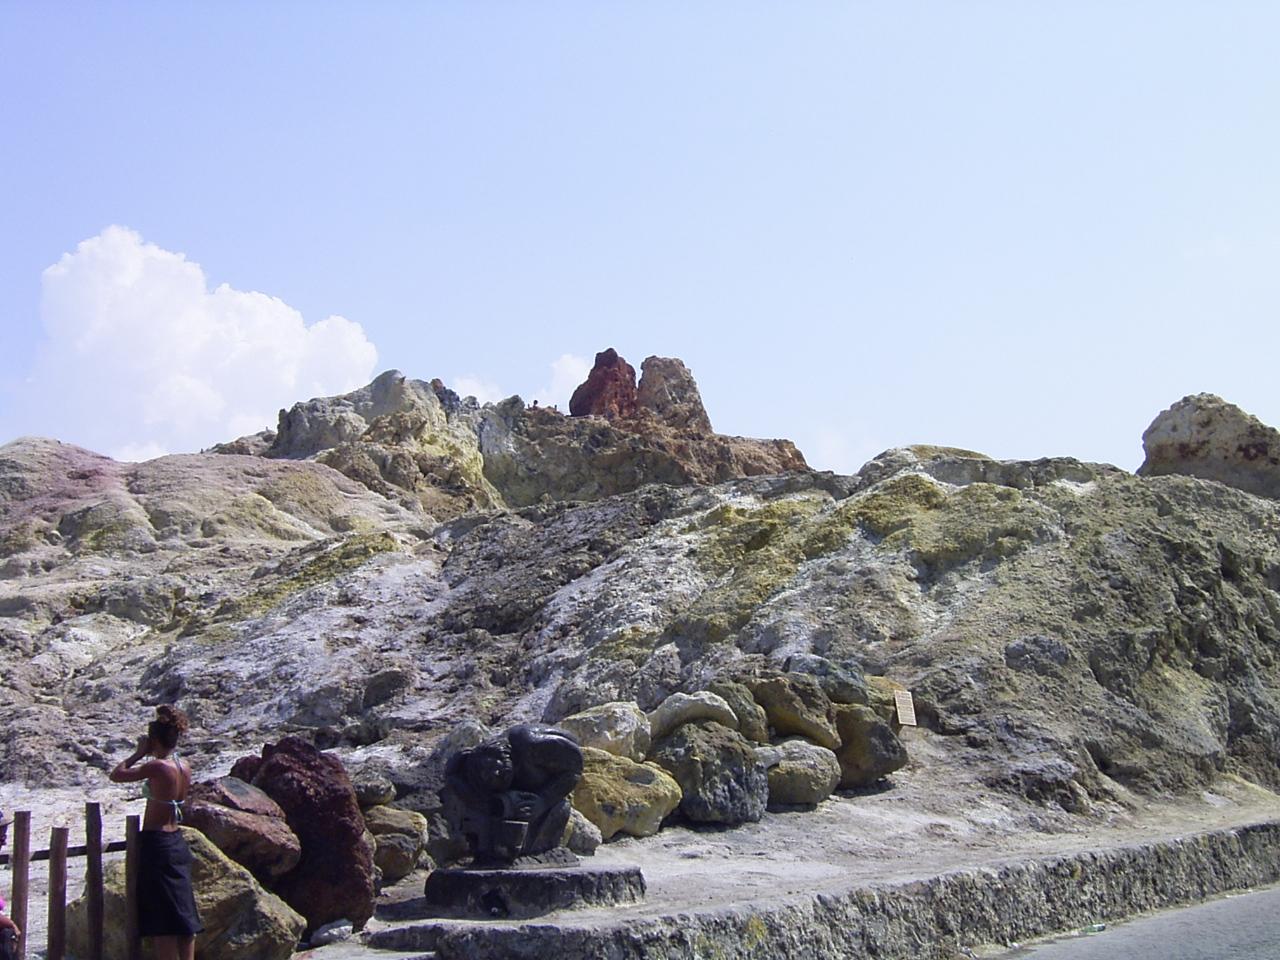 Altra veduta del vulcano spento